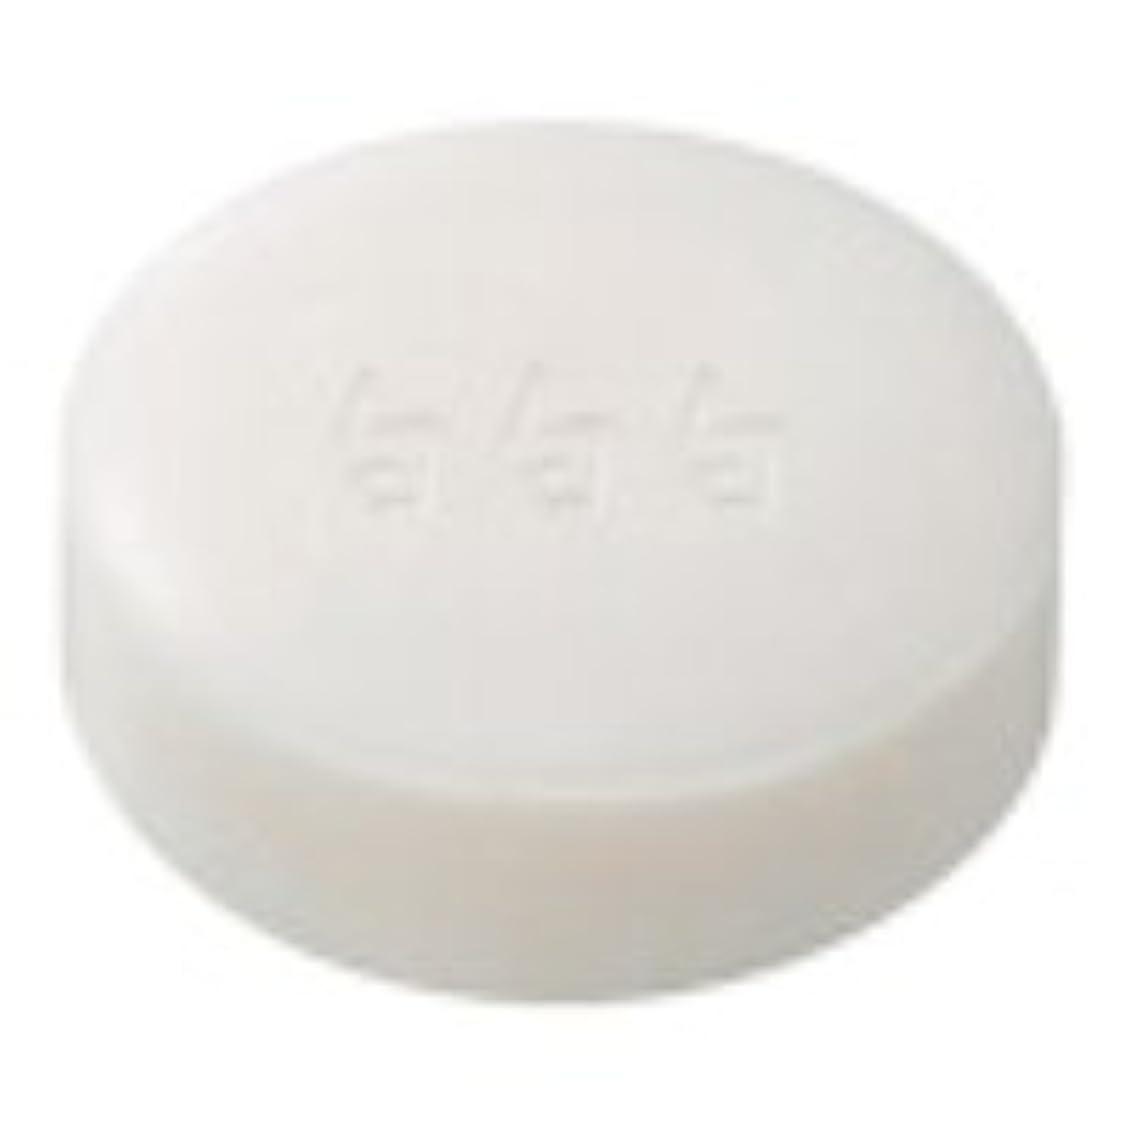 情熱的バー重要な役割を果たす、中心的な手段となる白白白ホワイトクリアソープ 90g